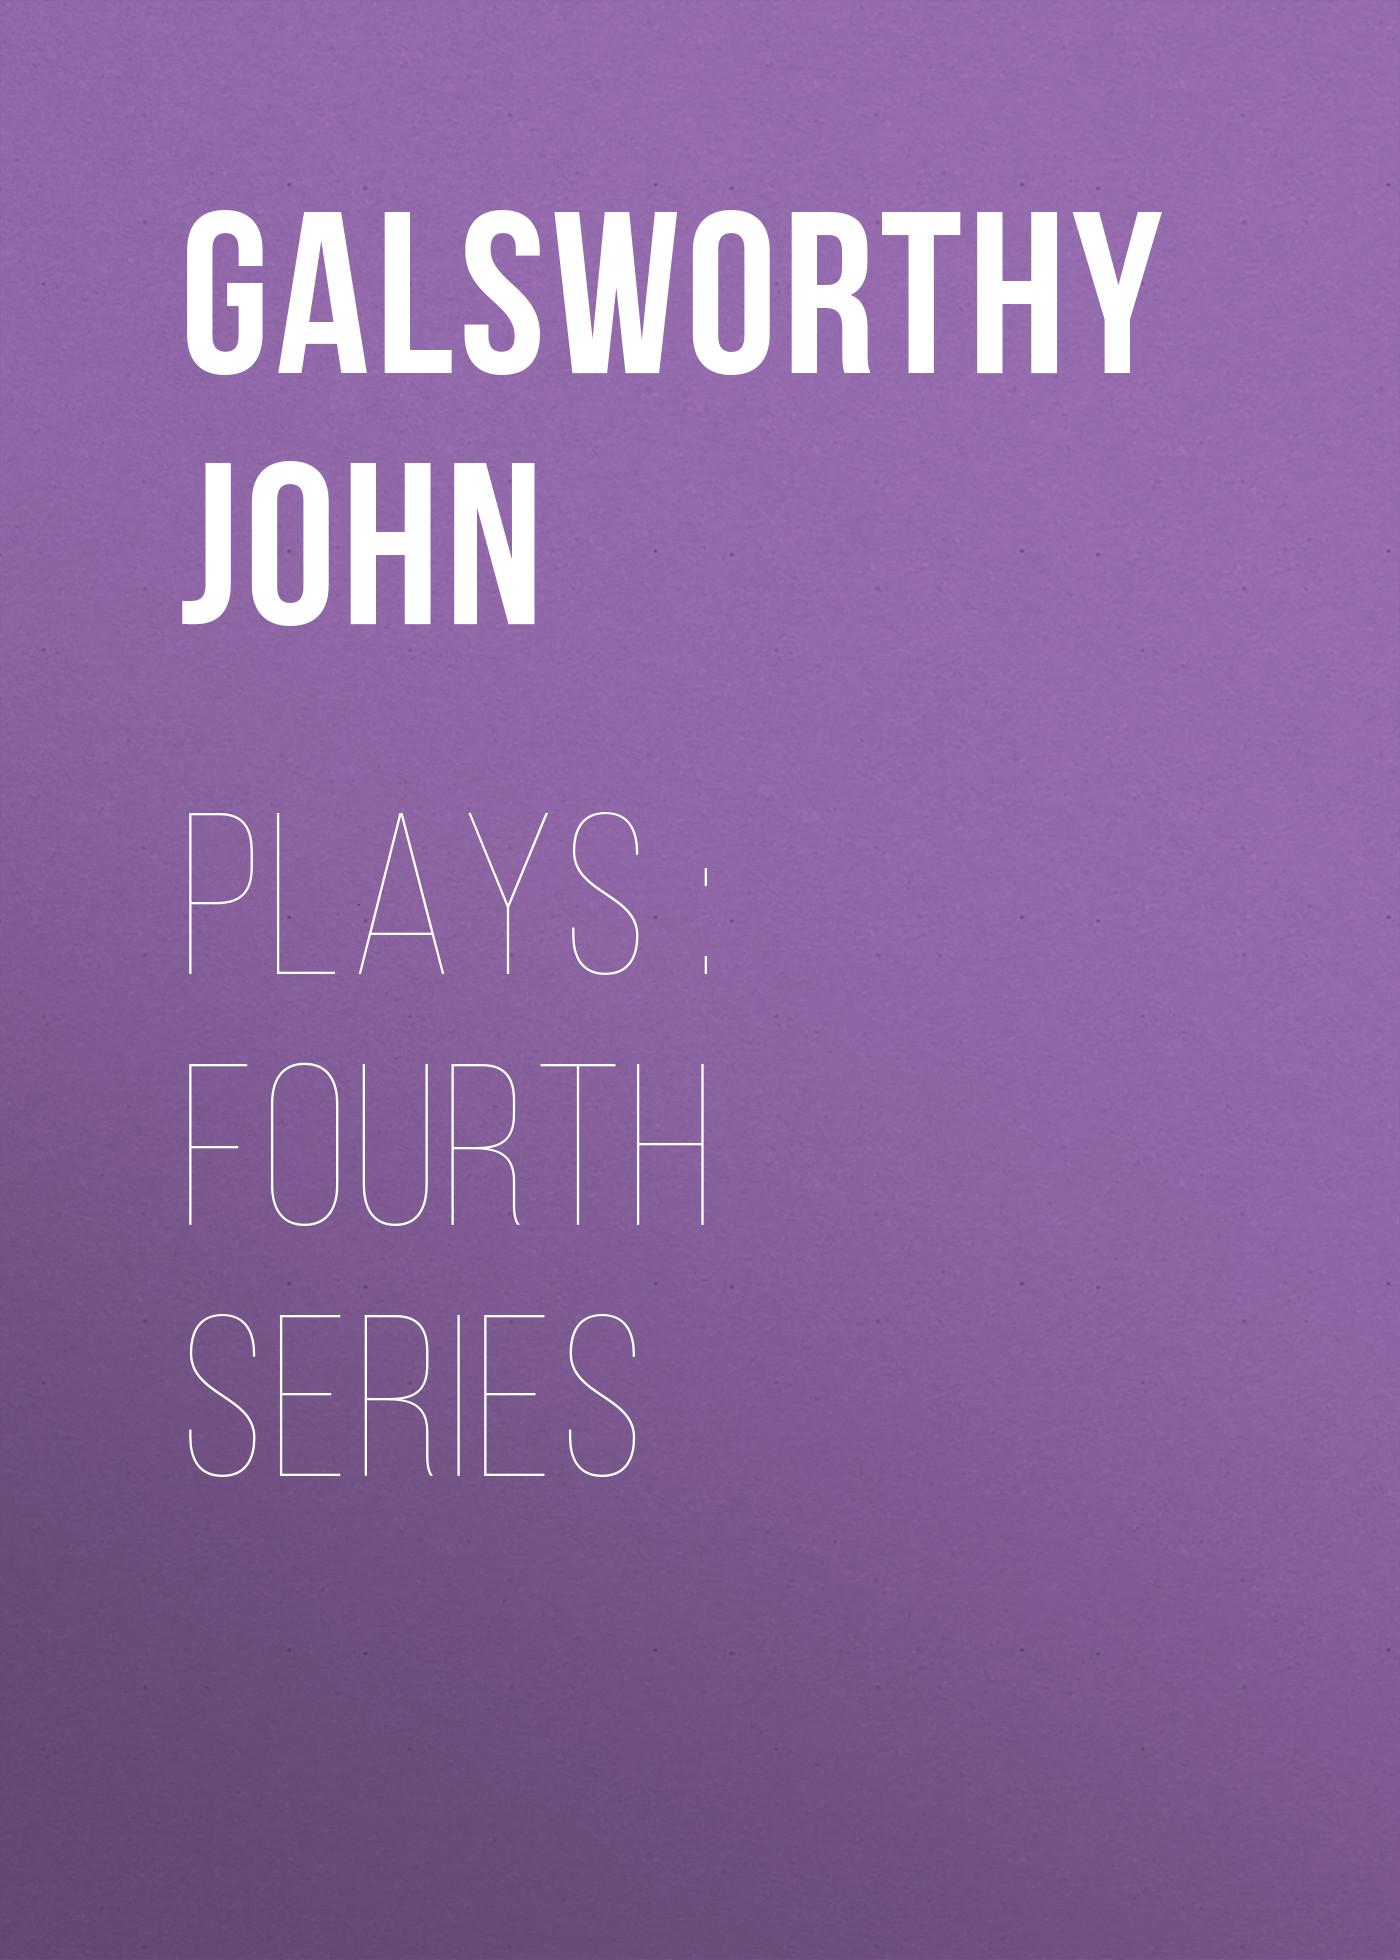 все цены на Galsworthy John Plays : Fourth Series онлайн